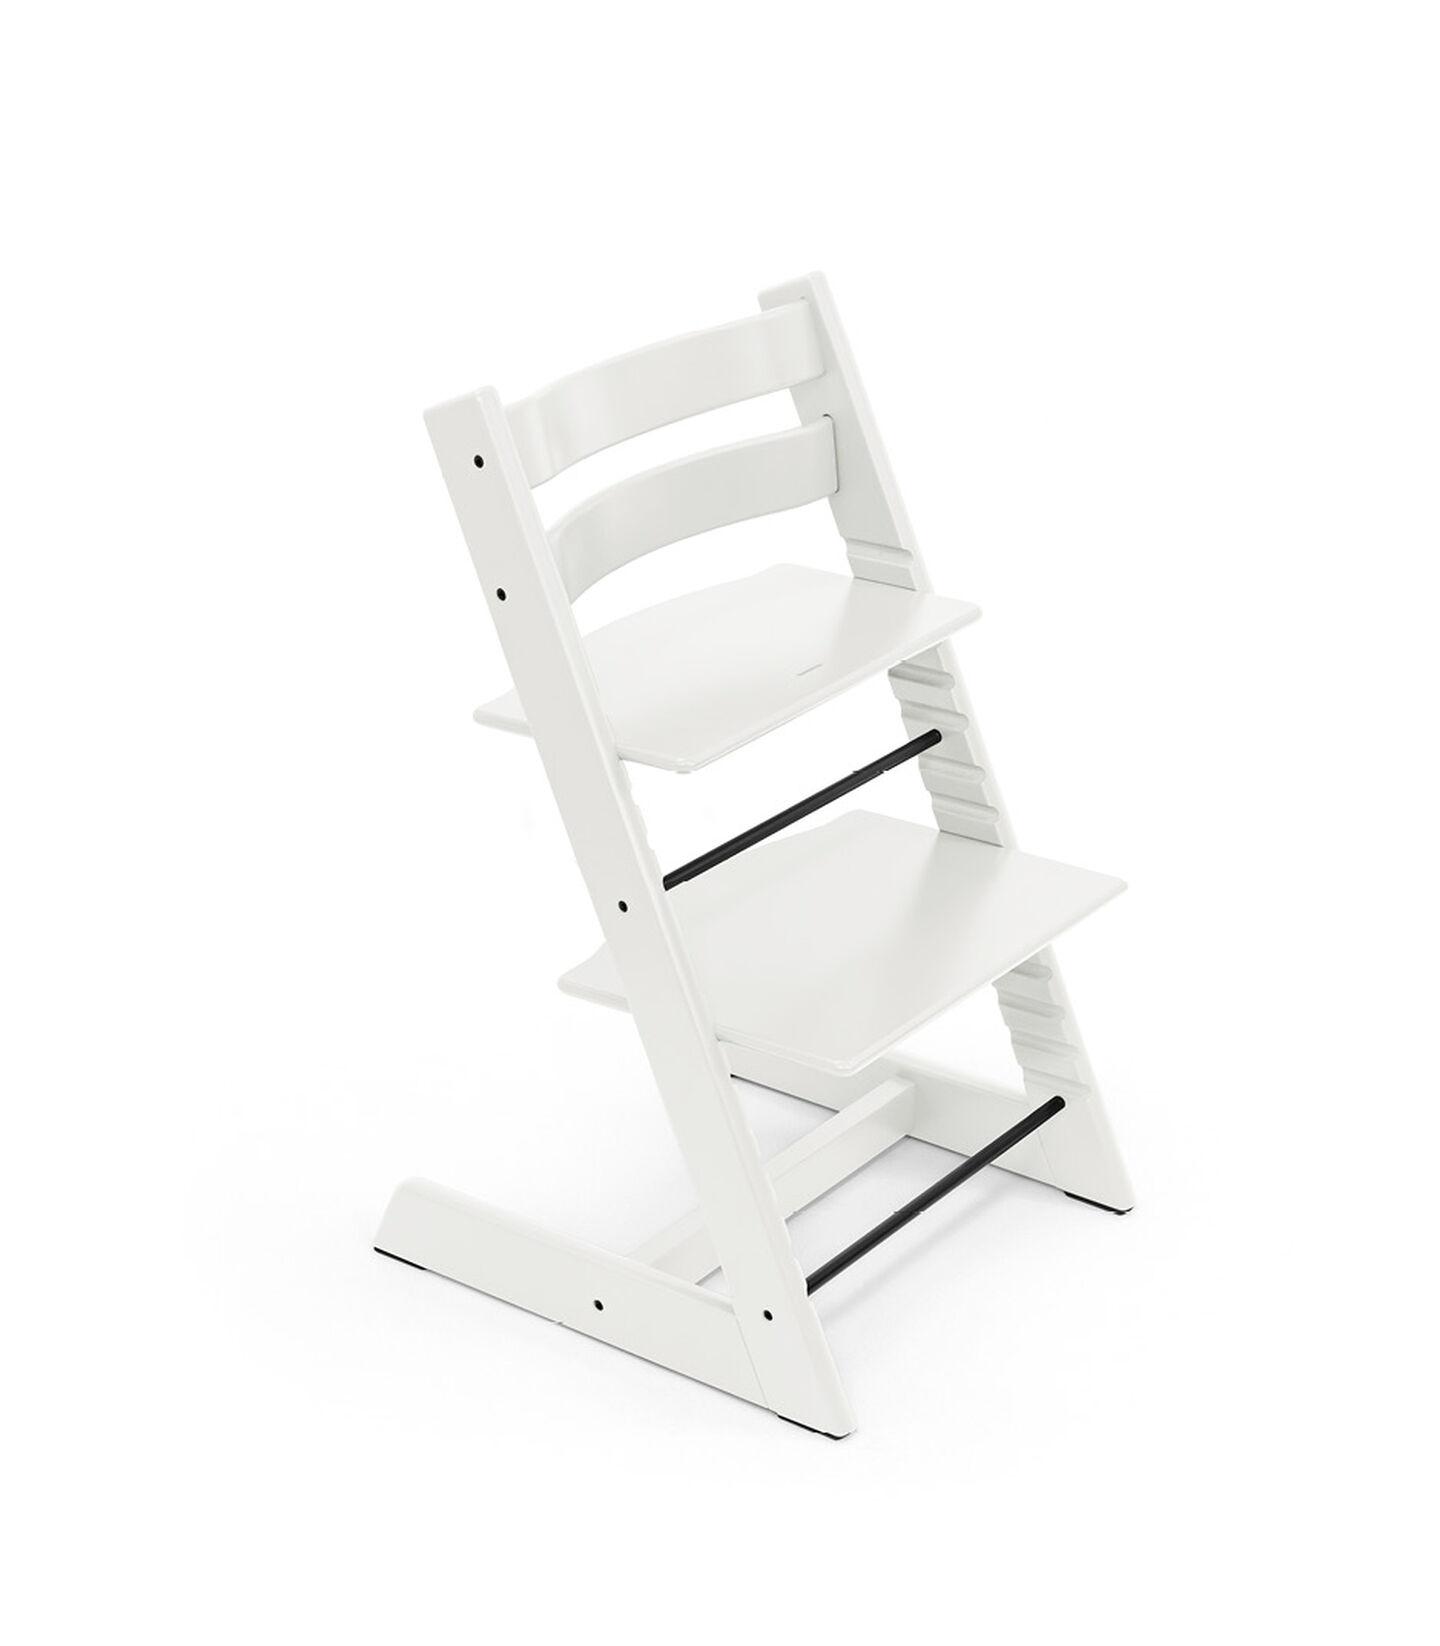 Tripp Trapp® Stoel White, White, mainview view 1